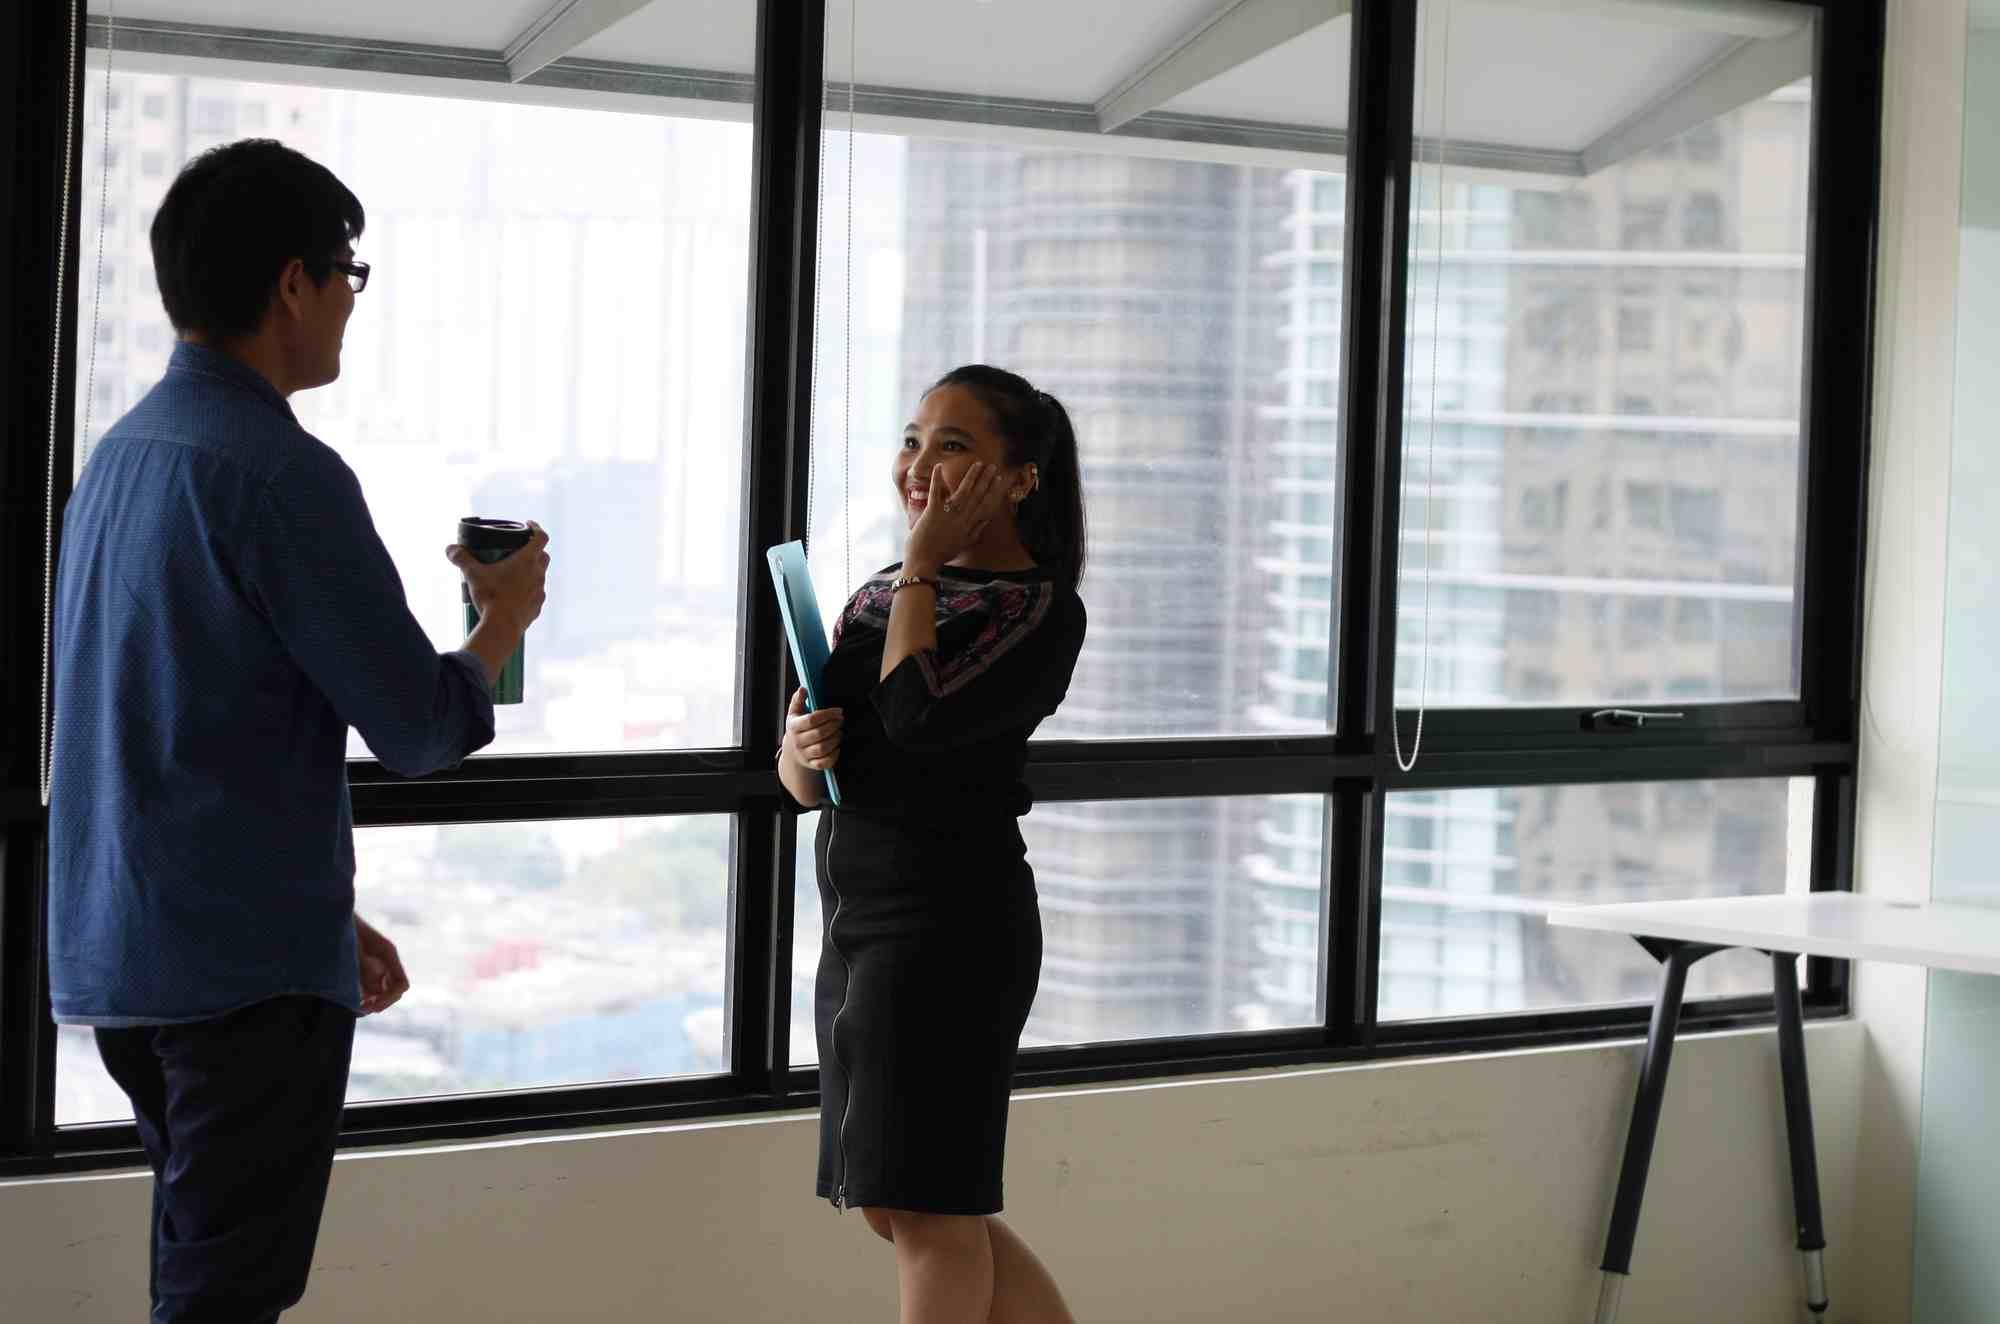 KObieta w zcarnym kostiumie rozmawiająca z mężczyzną w biurze